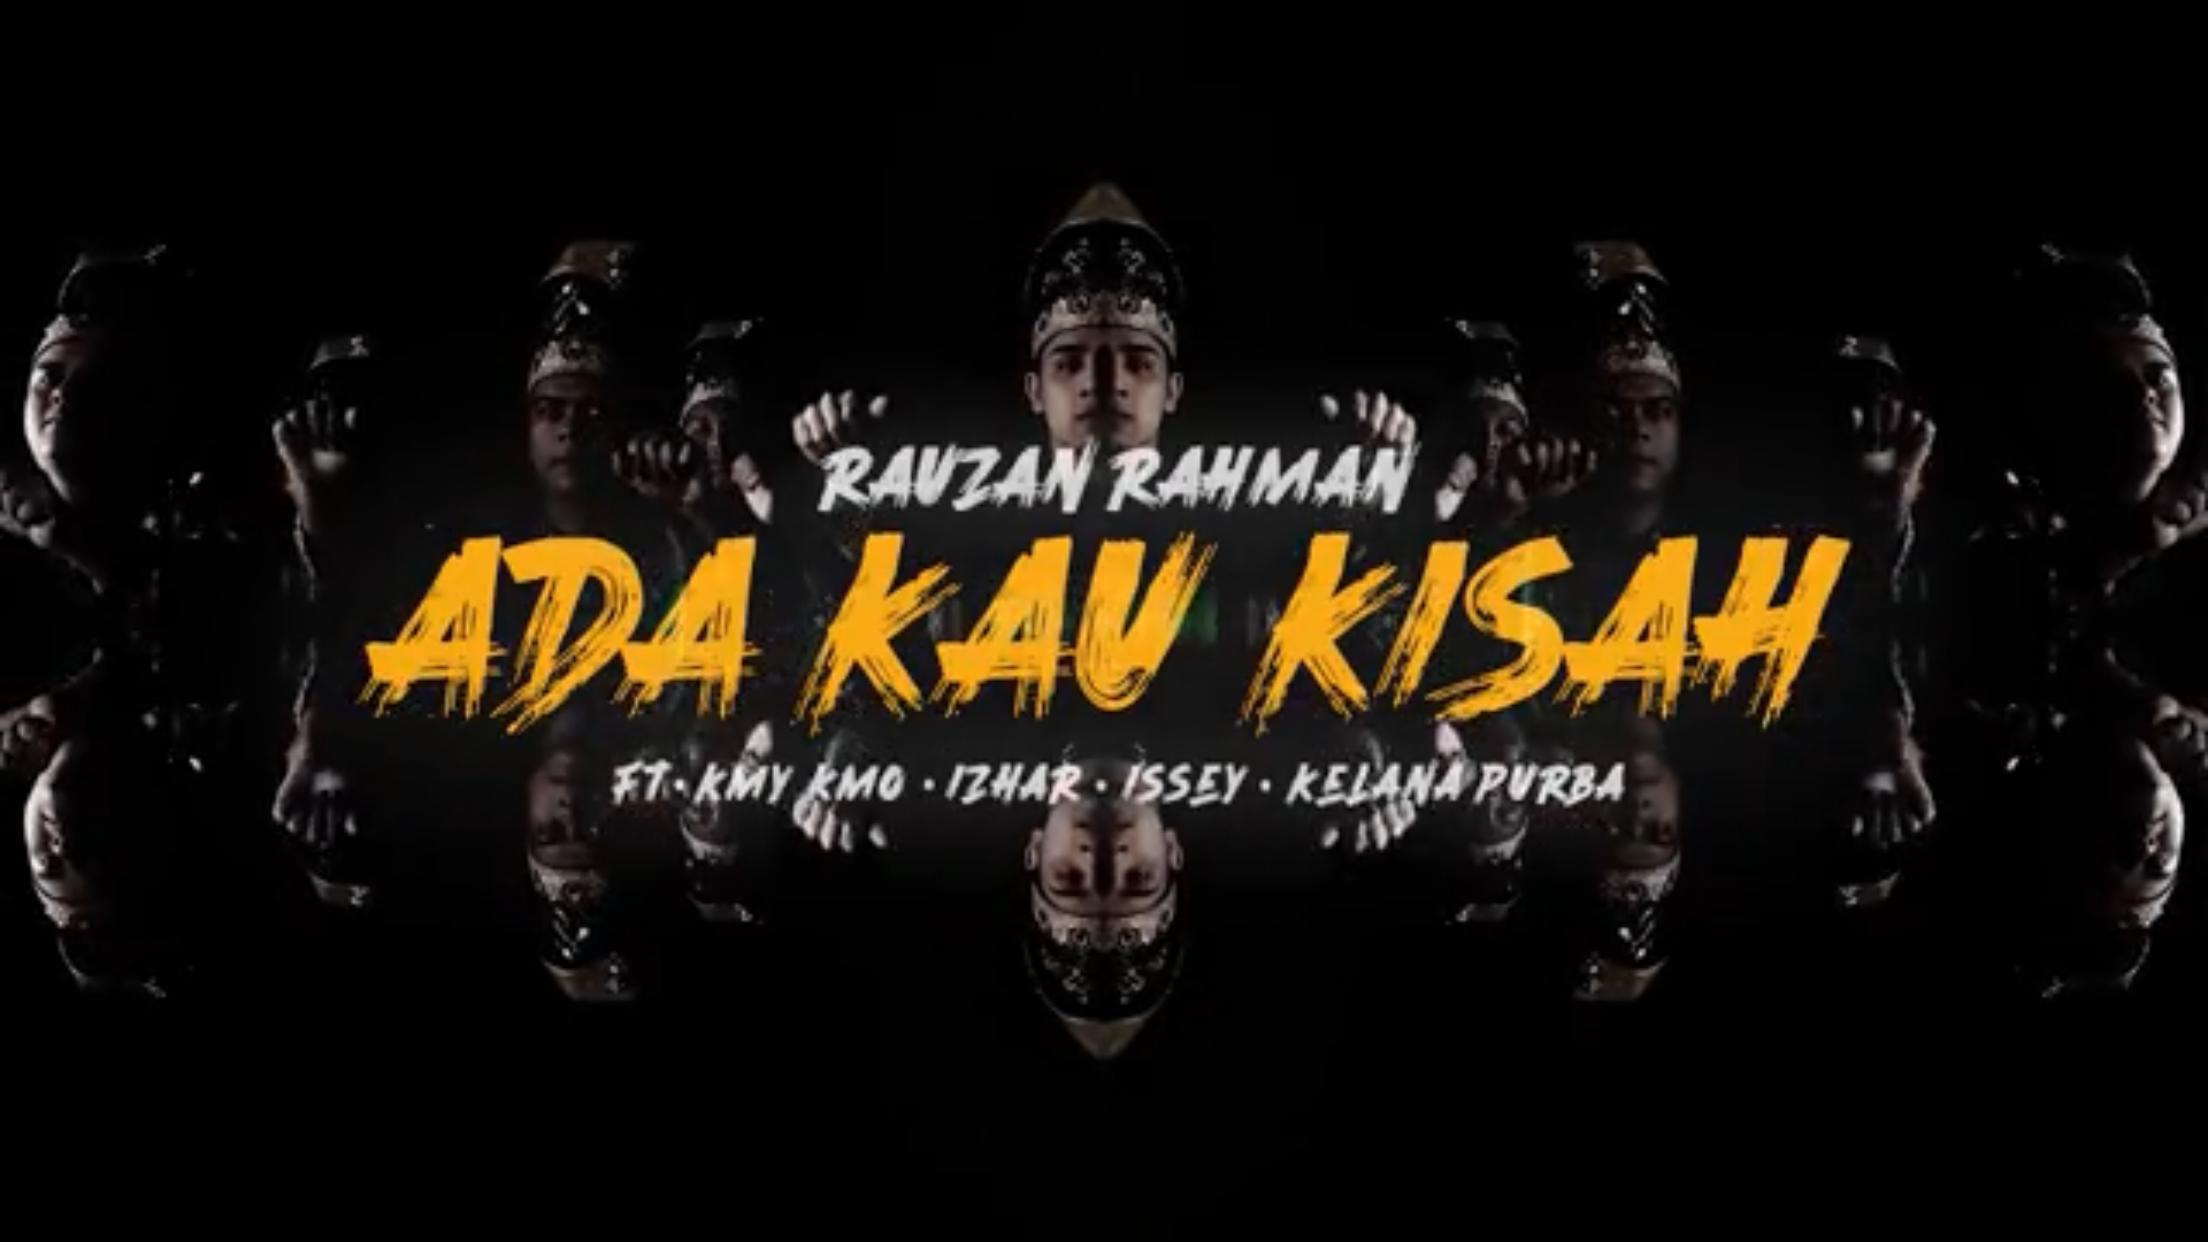 """[MY🇲🇾 ]Rauzan Rahman – """"Ada Kau Kisah Ft. Kmy Kmo, Izhar, Issey & Kelana Purba"""""""